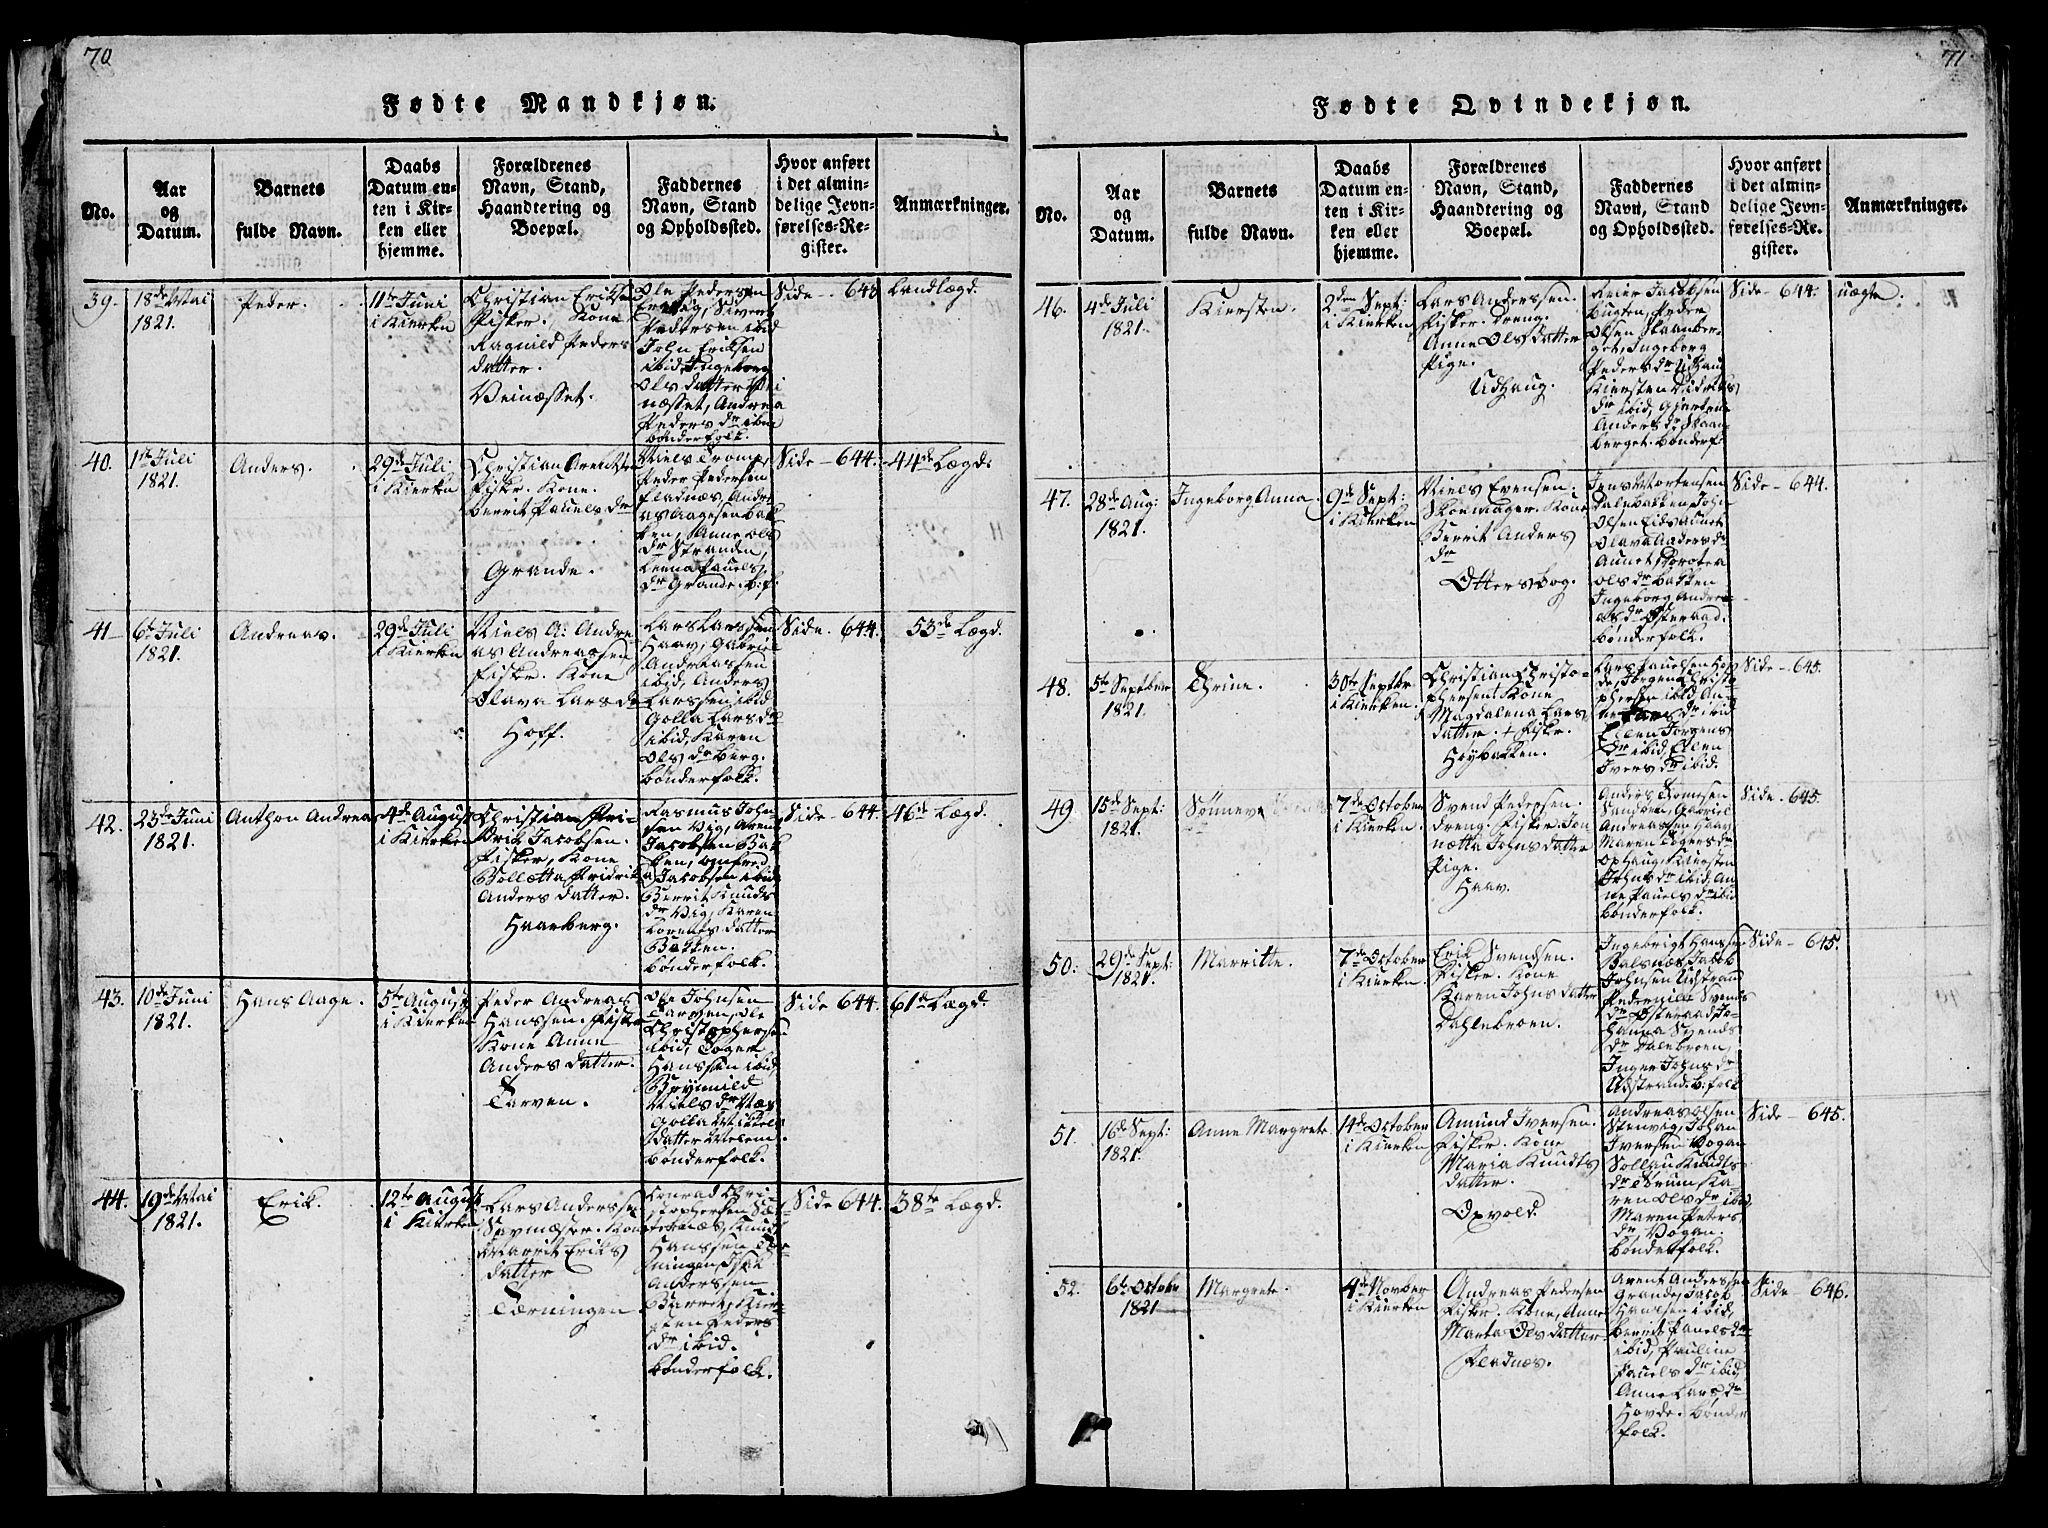 SAT, Ministerialprotokoller, klokkerbøker og fødselsregistre - Sør-Trøndelag, 659/L0744: Klokkerbok nr. 659C01, 1818-1825, s. 70-71